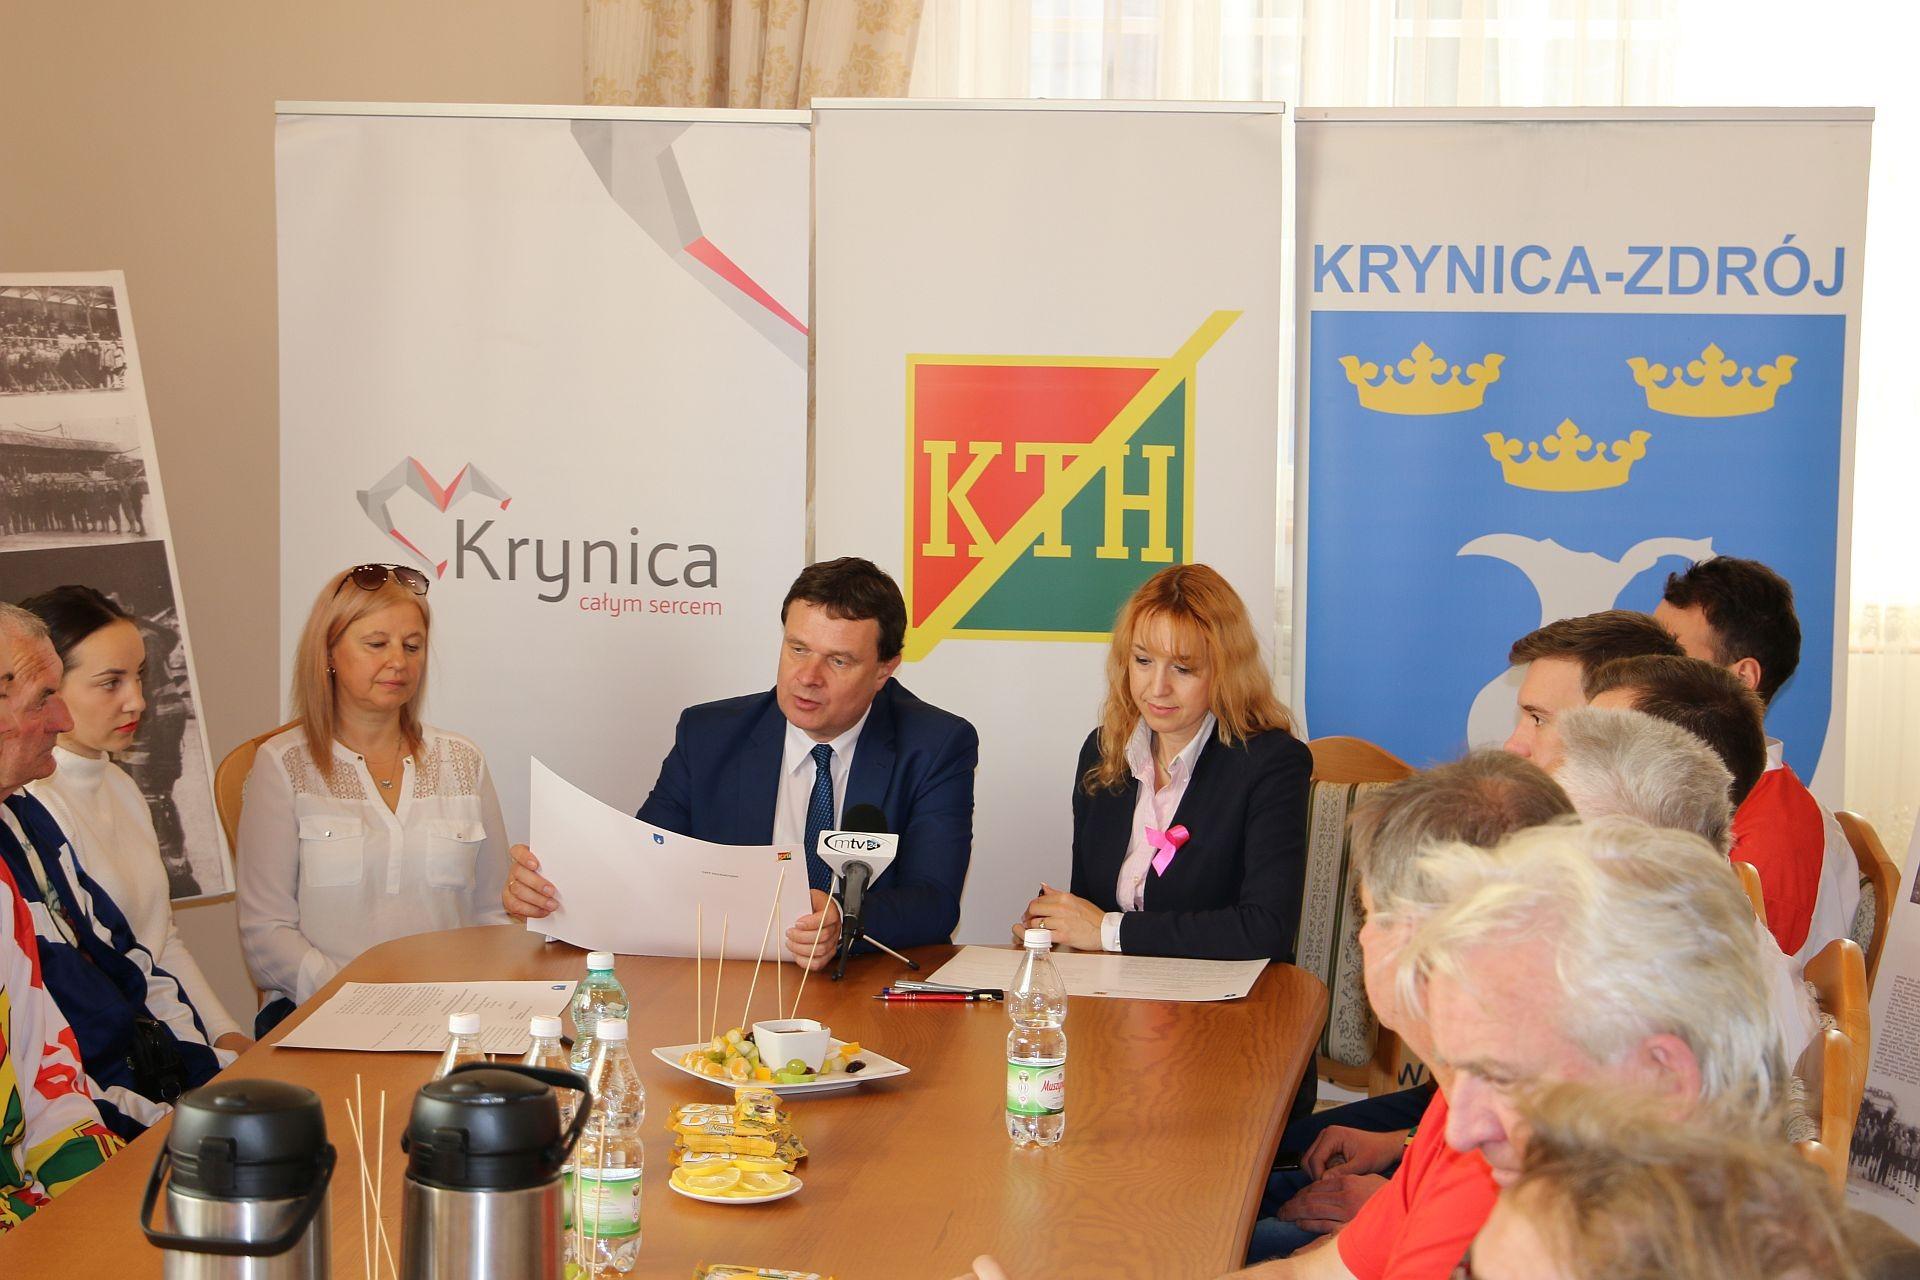 http://www.krynica-zdroj.pl/mfiles/210/3/2038/f/IMG_4851.JPG